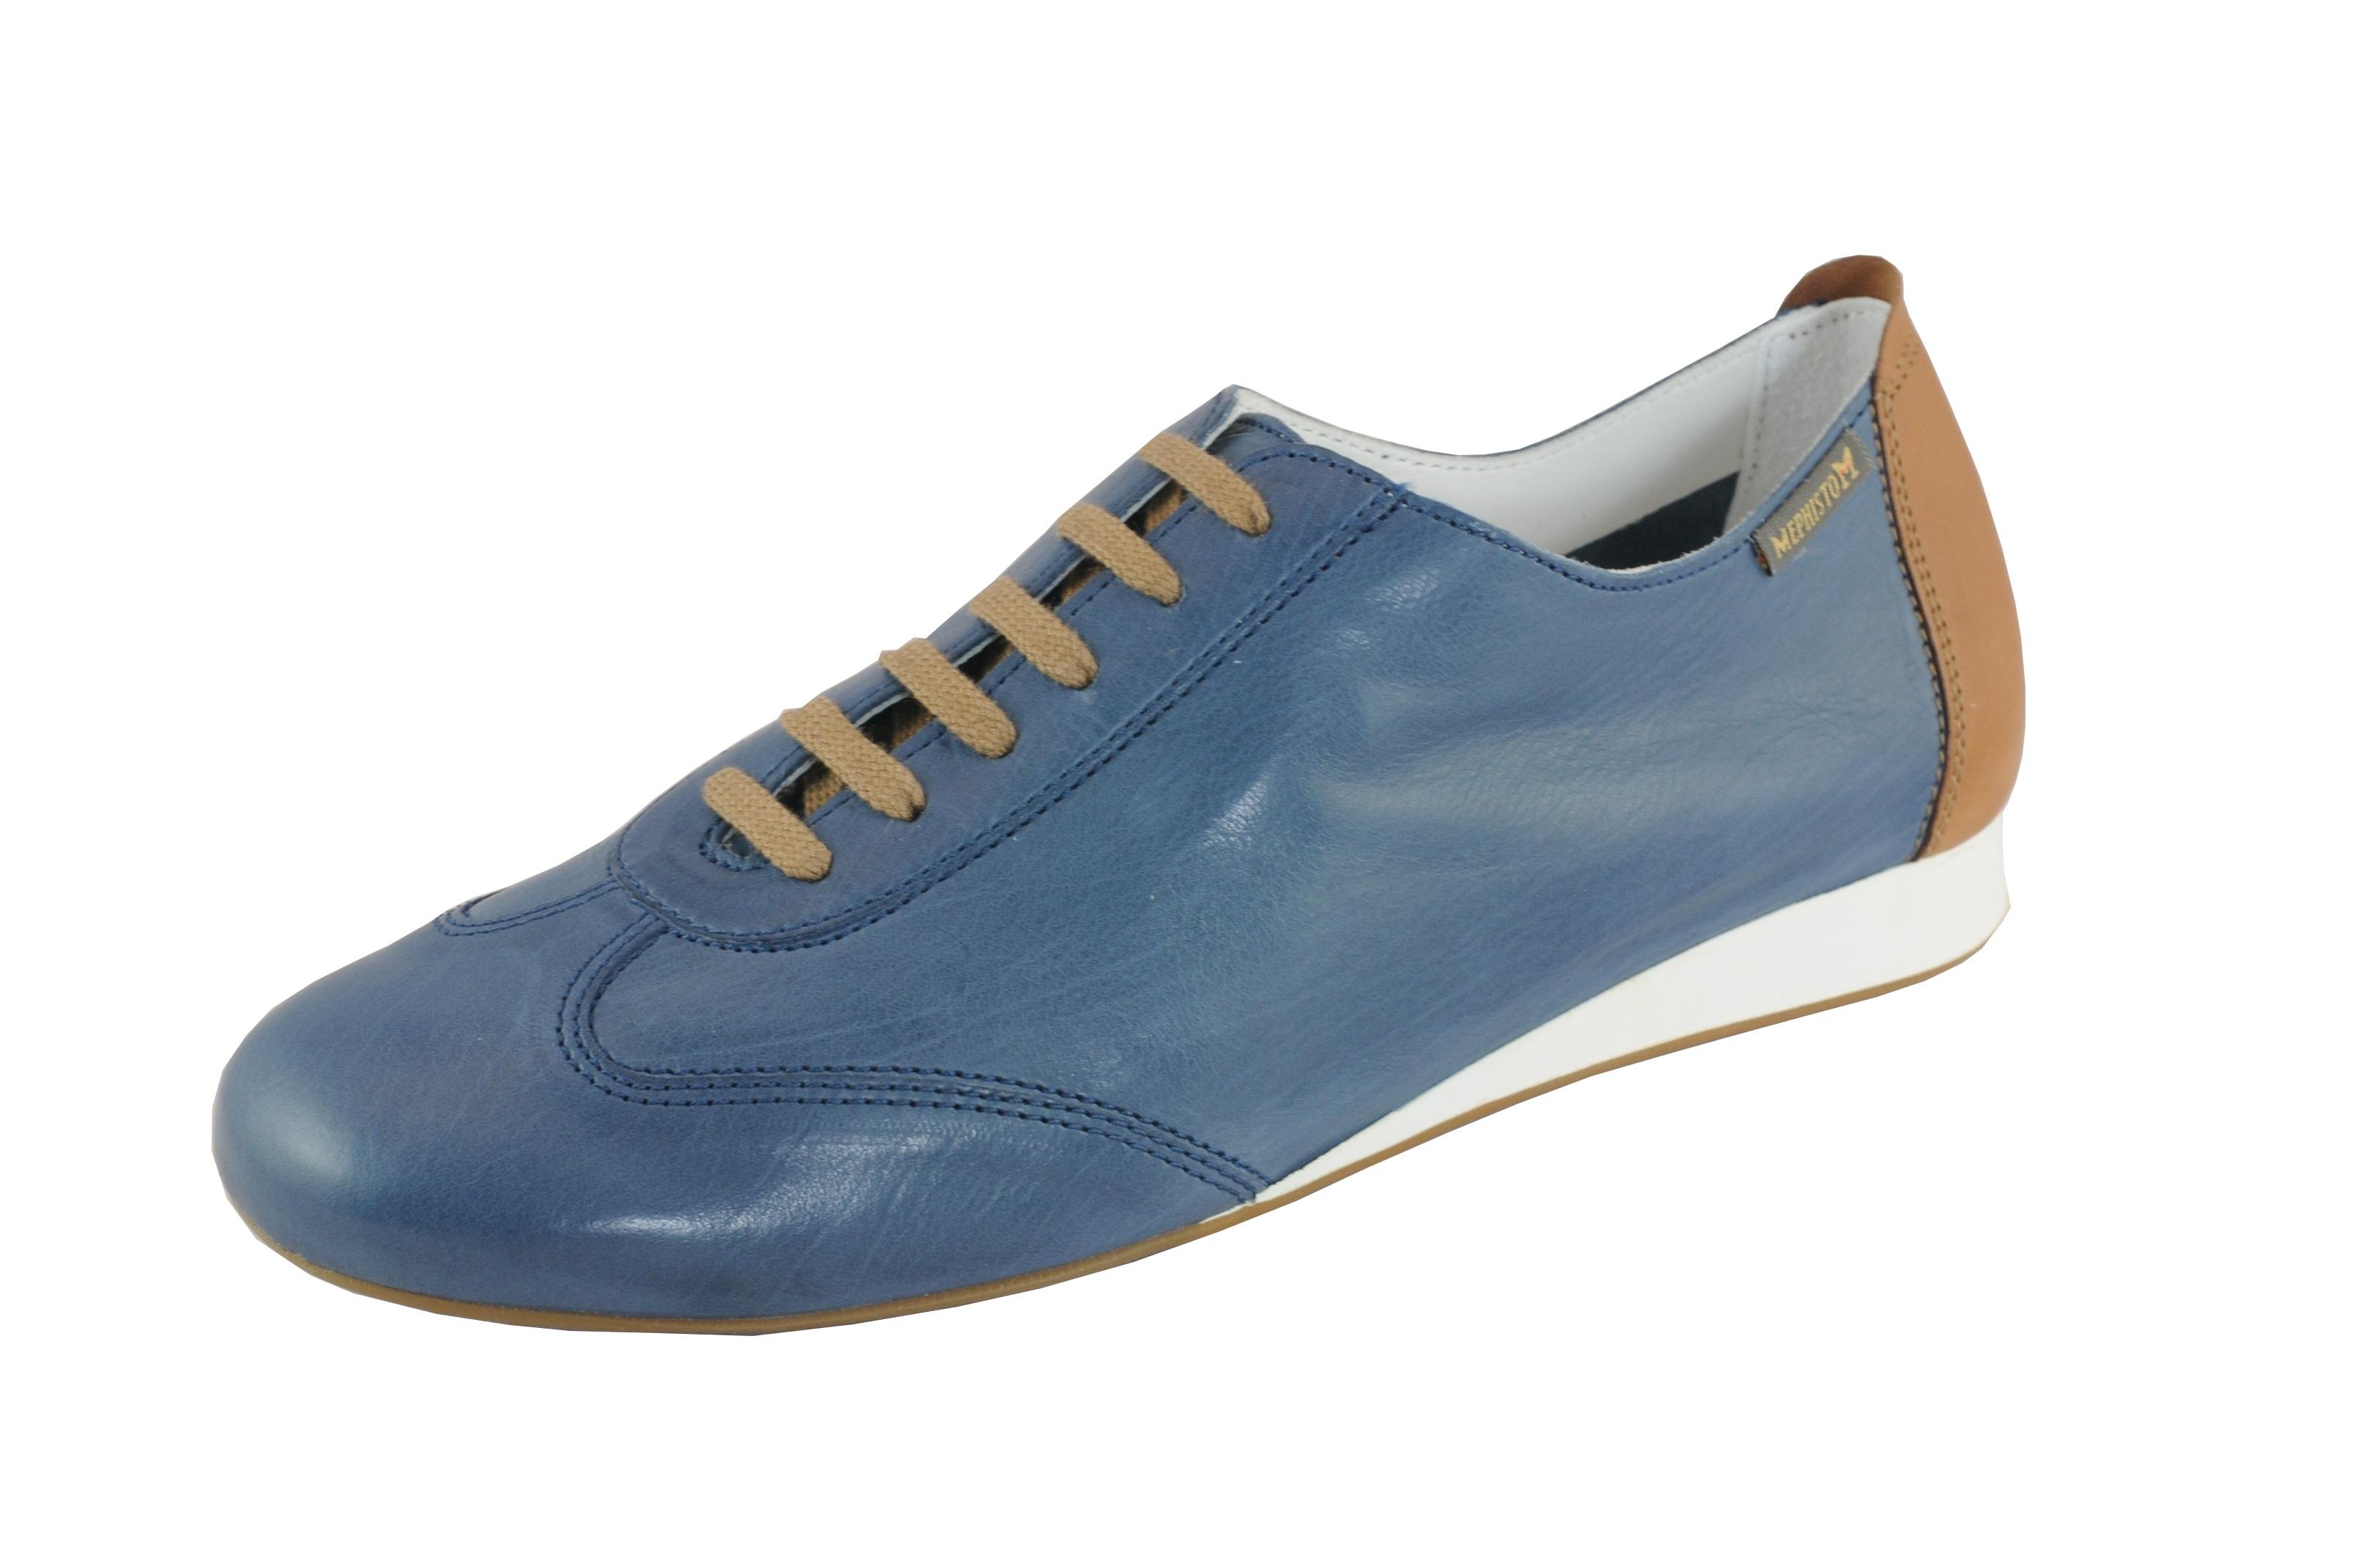 0656998e64b12c Mephisto BECKY jeans-Blu Leder Damen Schnürschuh Kautschuksohle